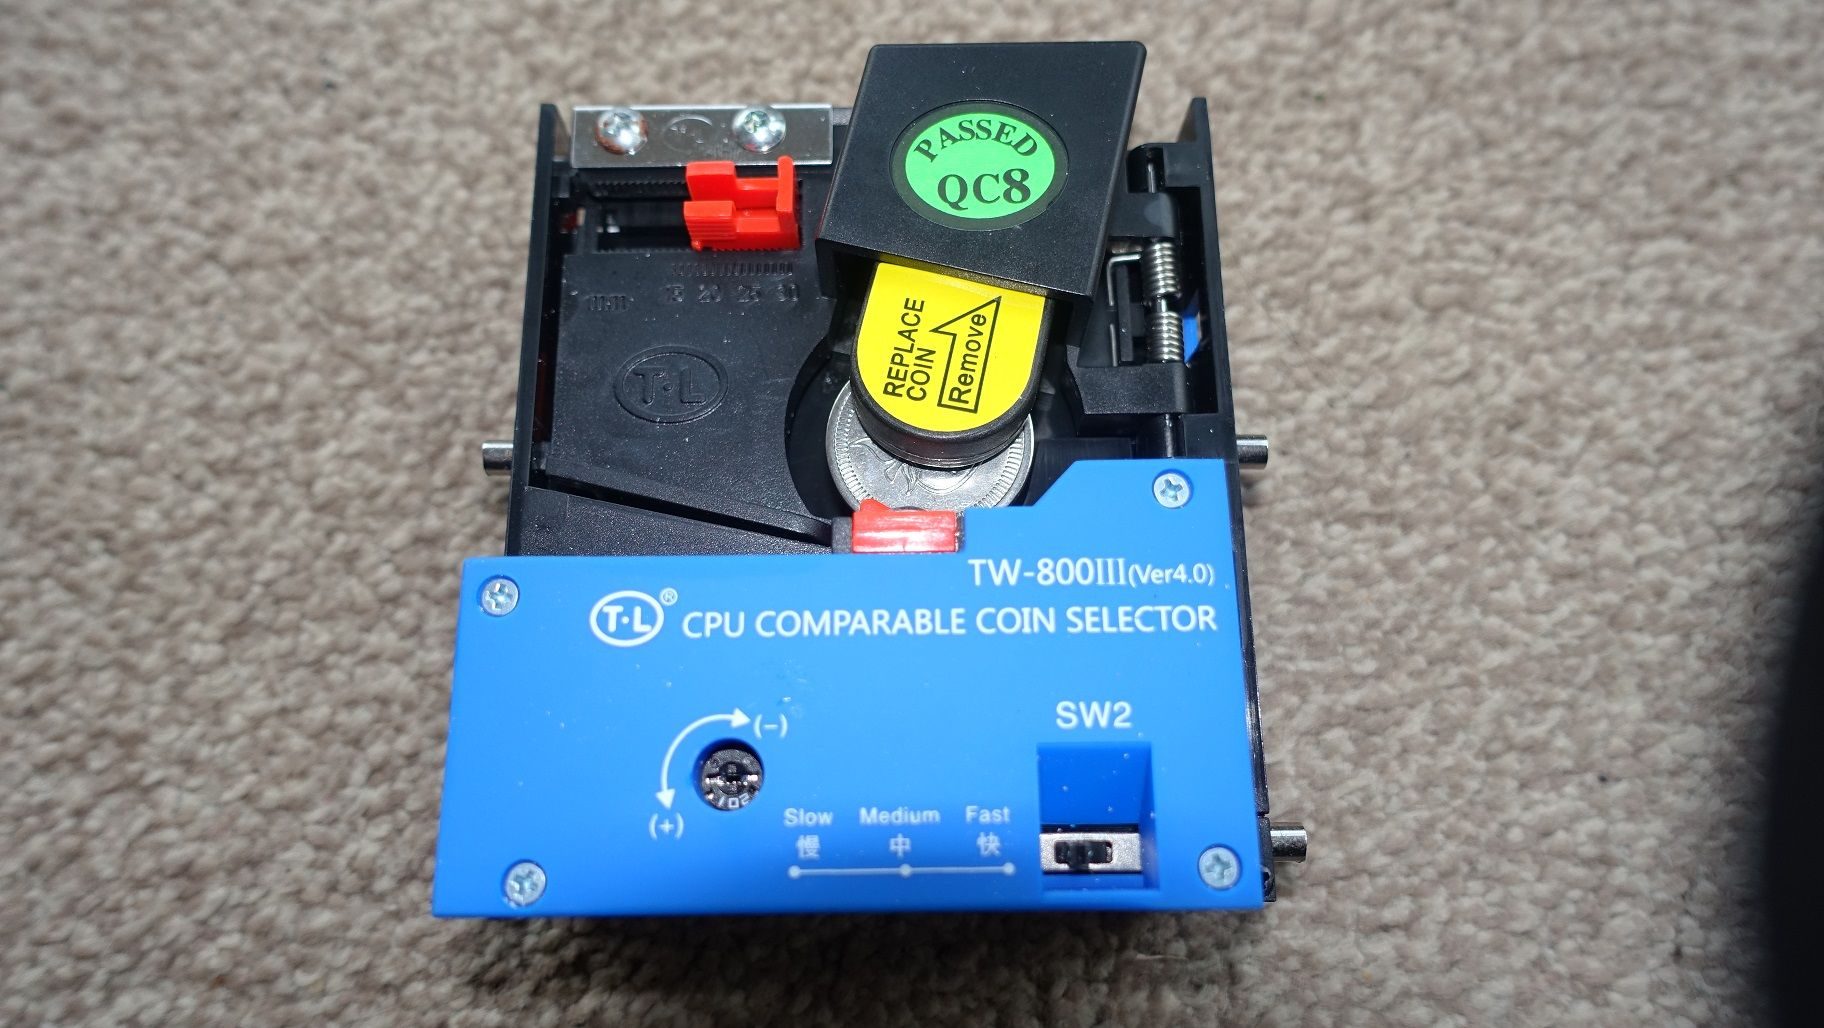 CPU COMPARABLE COIN SELECTOR CPUCOMPARABLECOINSELECTOR